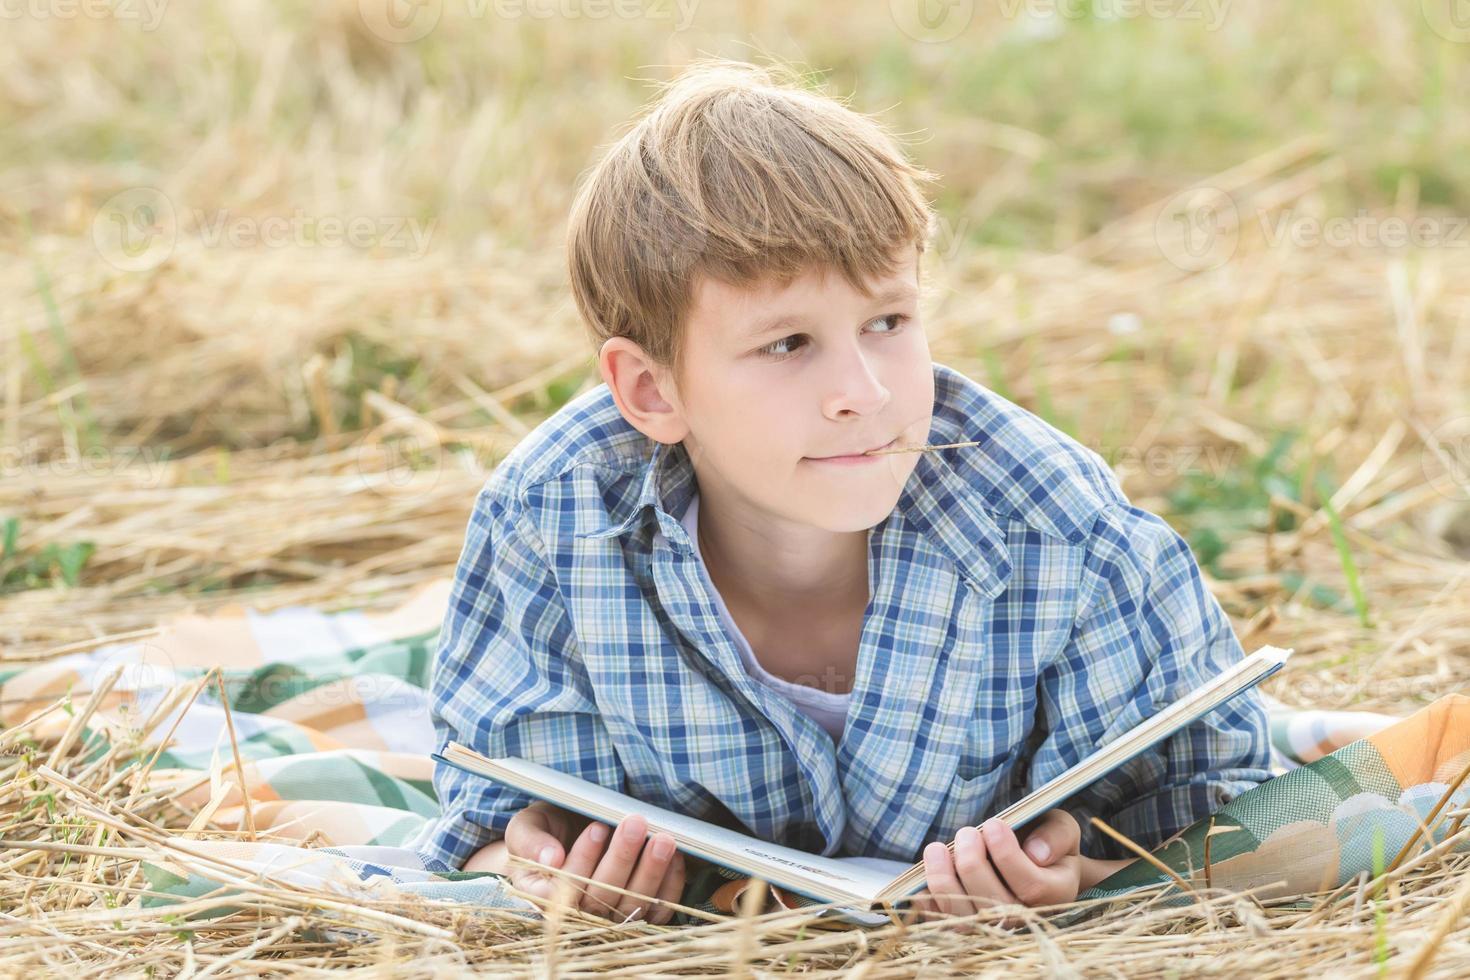 livro de leitura sonhando adolescente foto